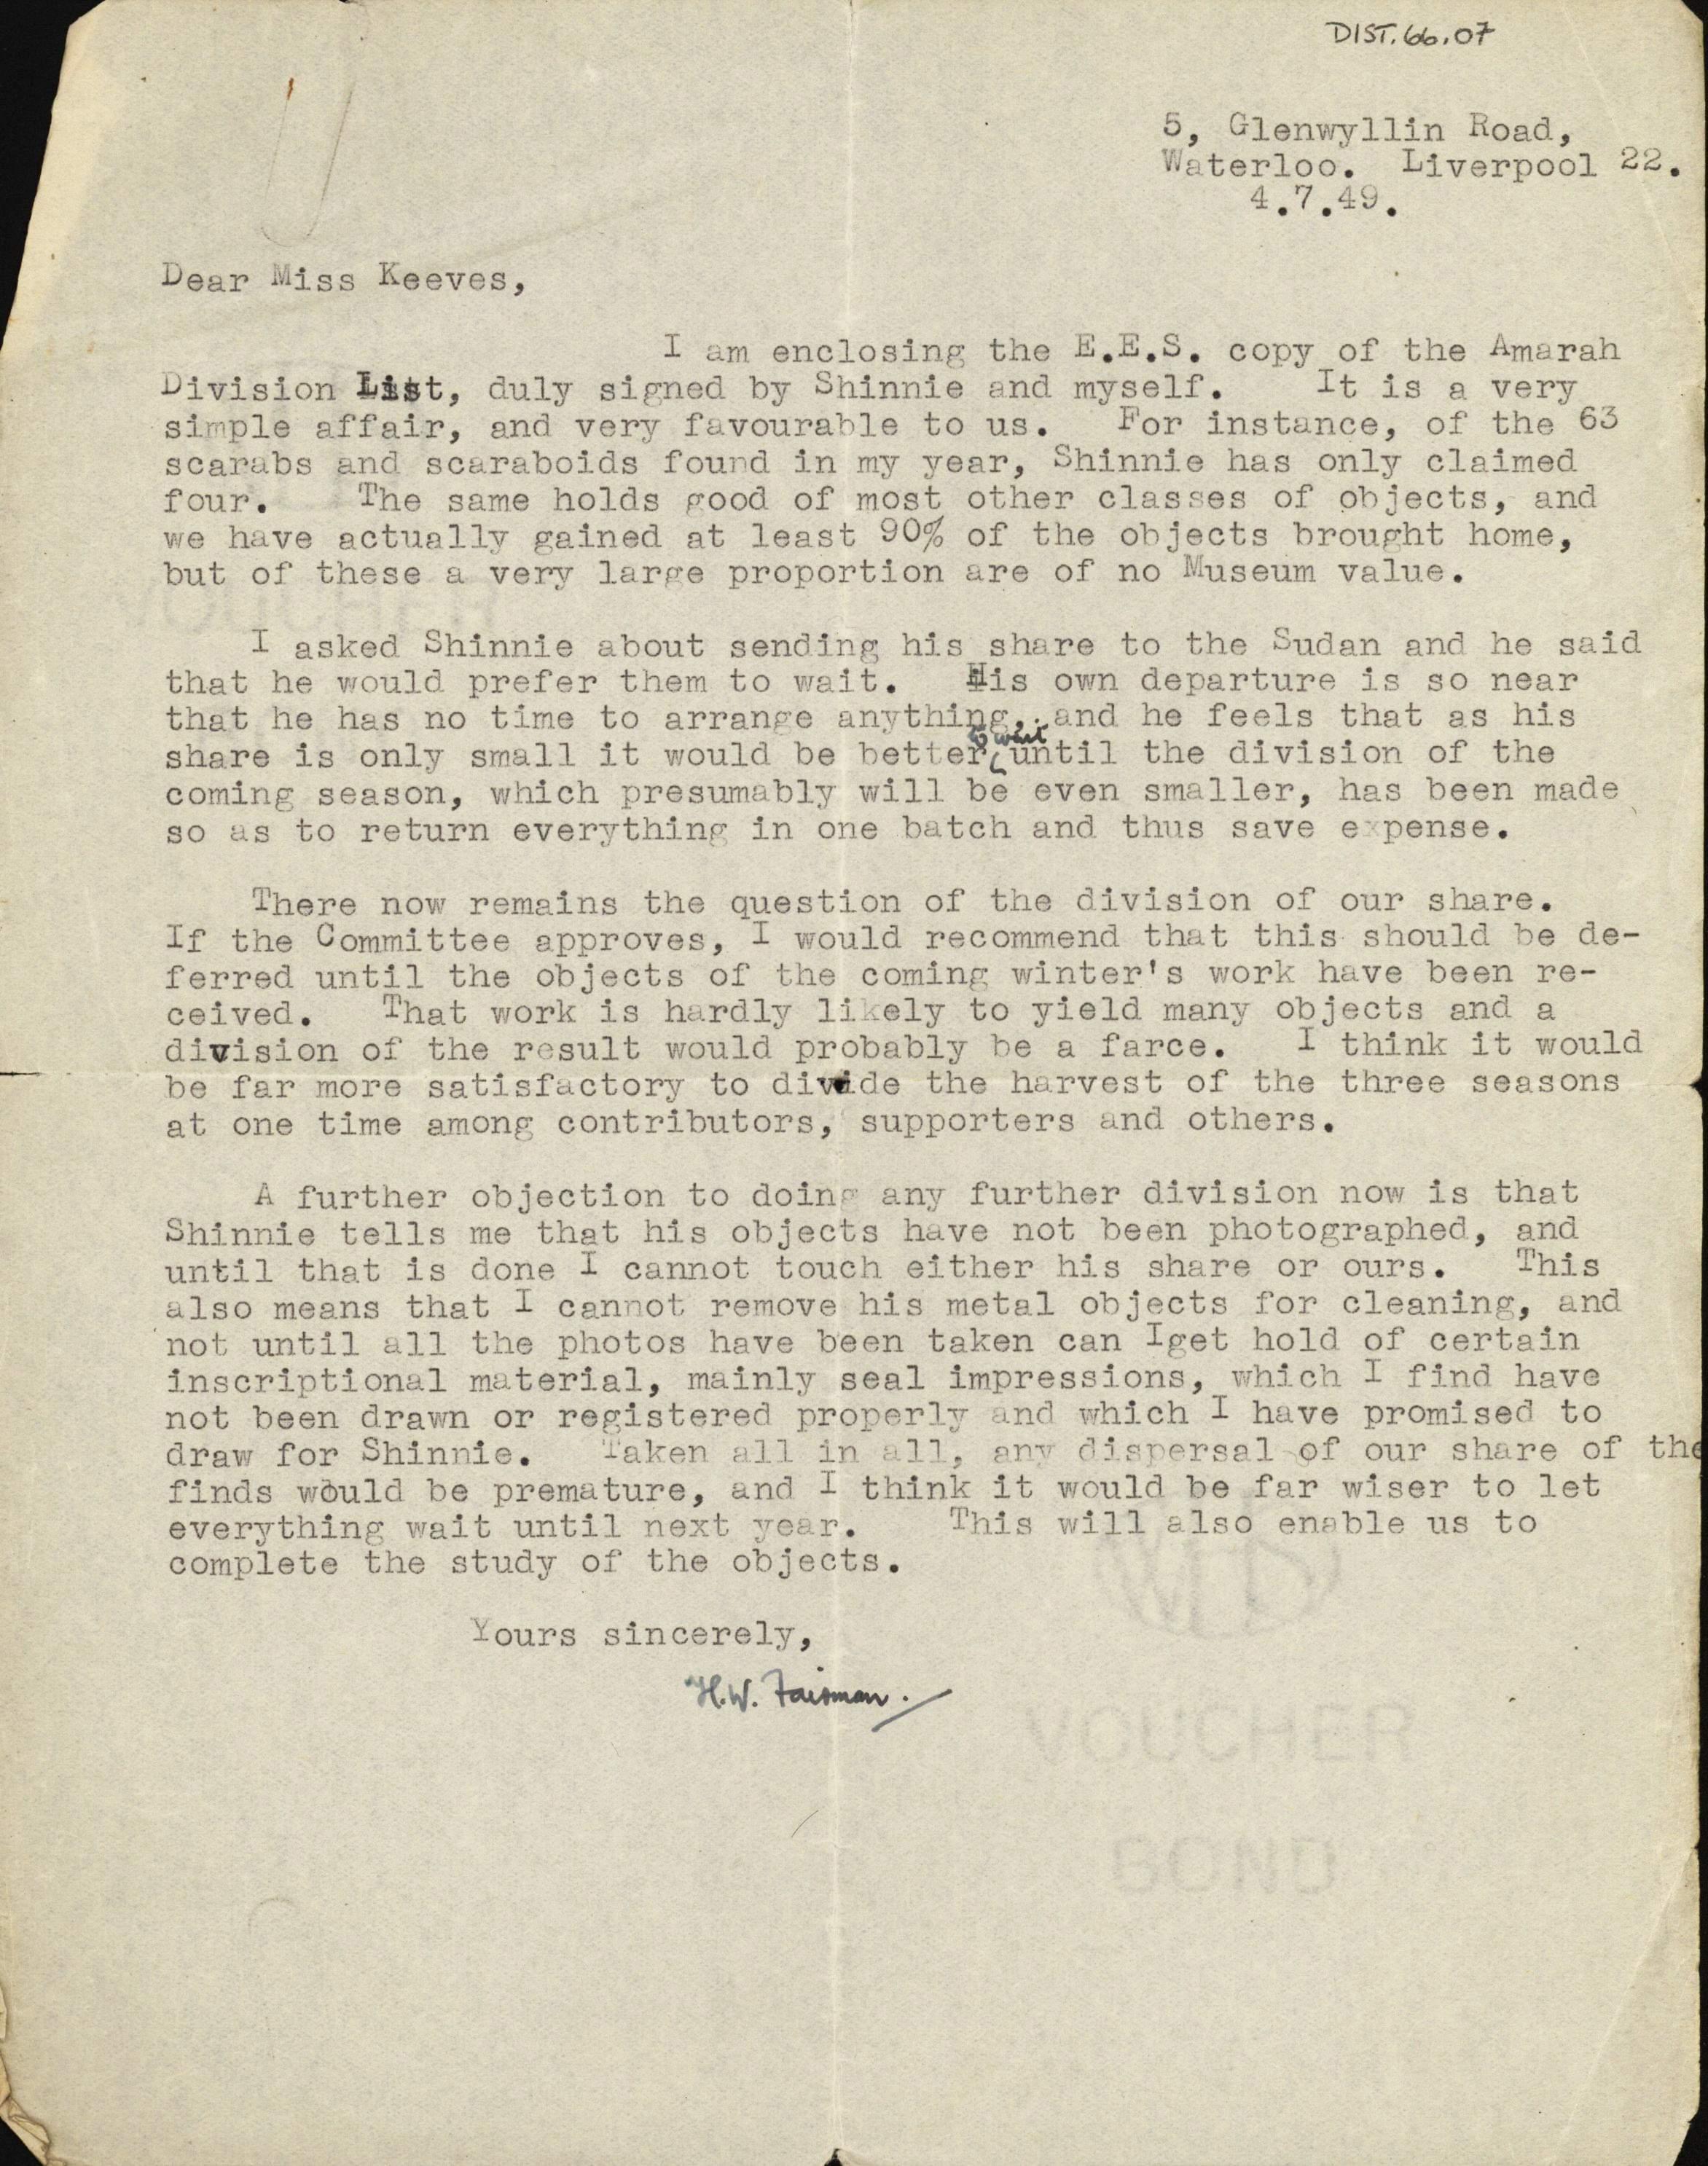 1947-54 Amarah West DIST.66.07